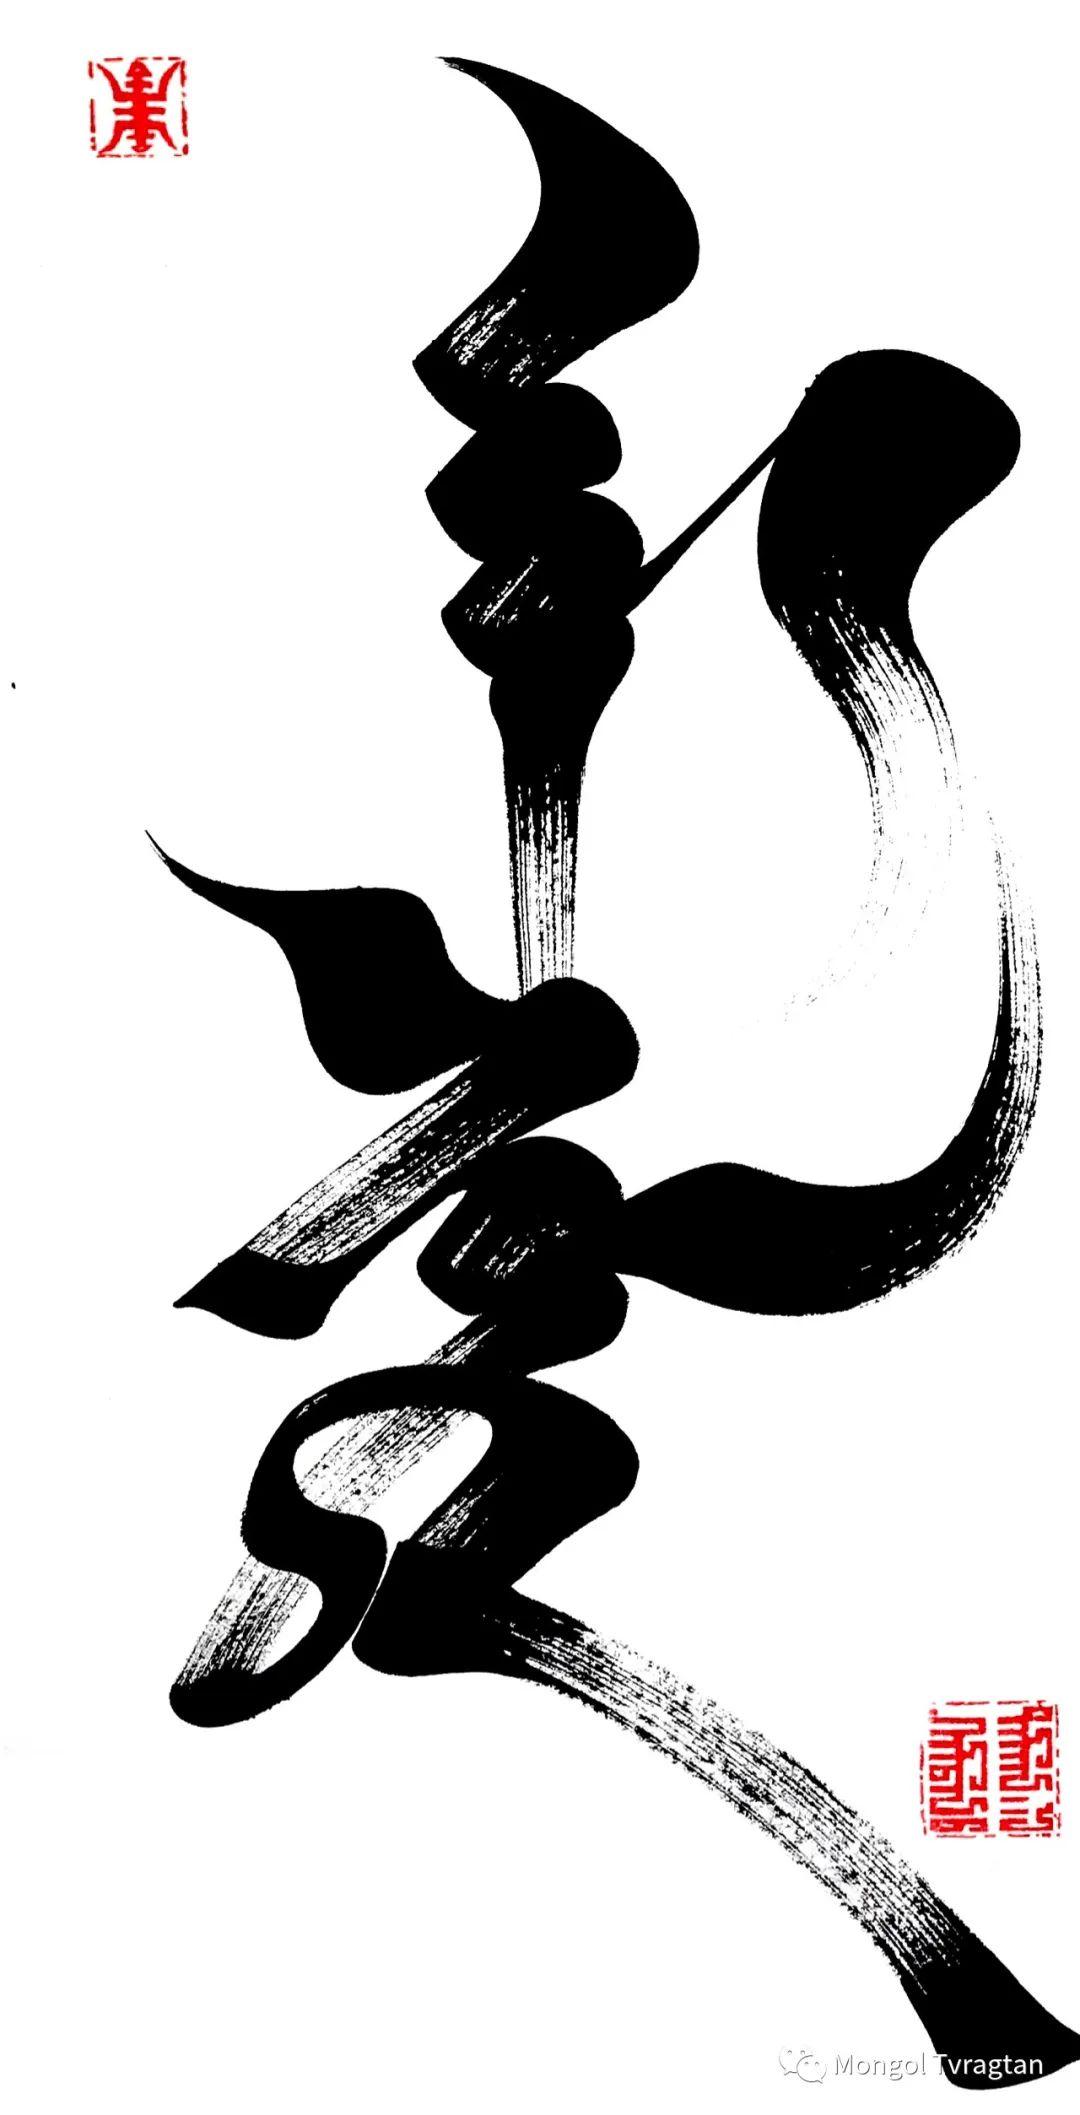 ᠮᠥᠩᠬᠡ ᠲᠡᠭᠷᠢᠶᠢᠨ ᠪᠢᠴᠢᠭ᠌ - ᠰᠠᠮᠳᠠᠨ 第15张 ᠮᠥᠩᠬᠡ ᠲᠡᠭᠷᠢᠶᠢᠨ ᠪᠢᠴᠢᠭ᠌ - ᠰᠠᠮᠳᠠᠨ 蒙古书法